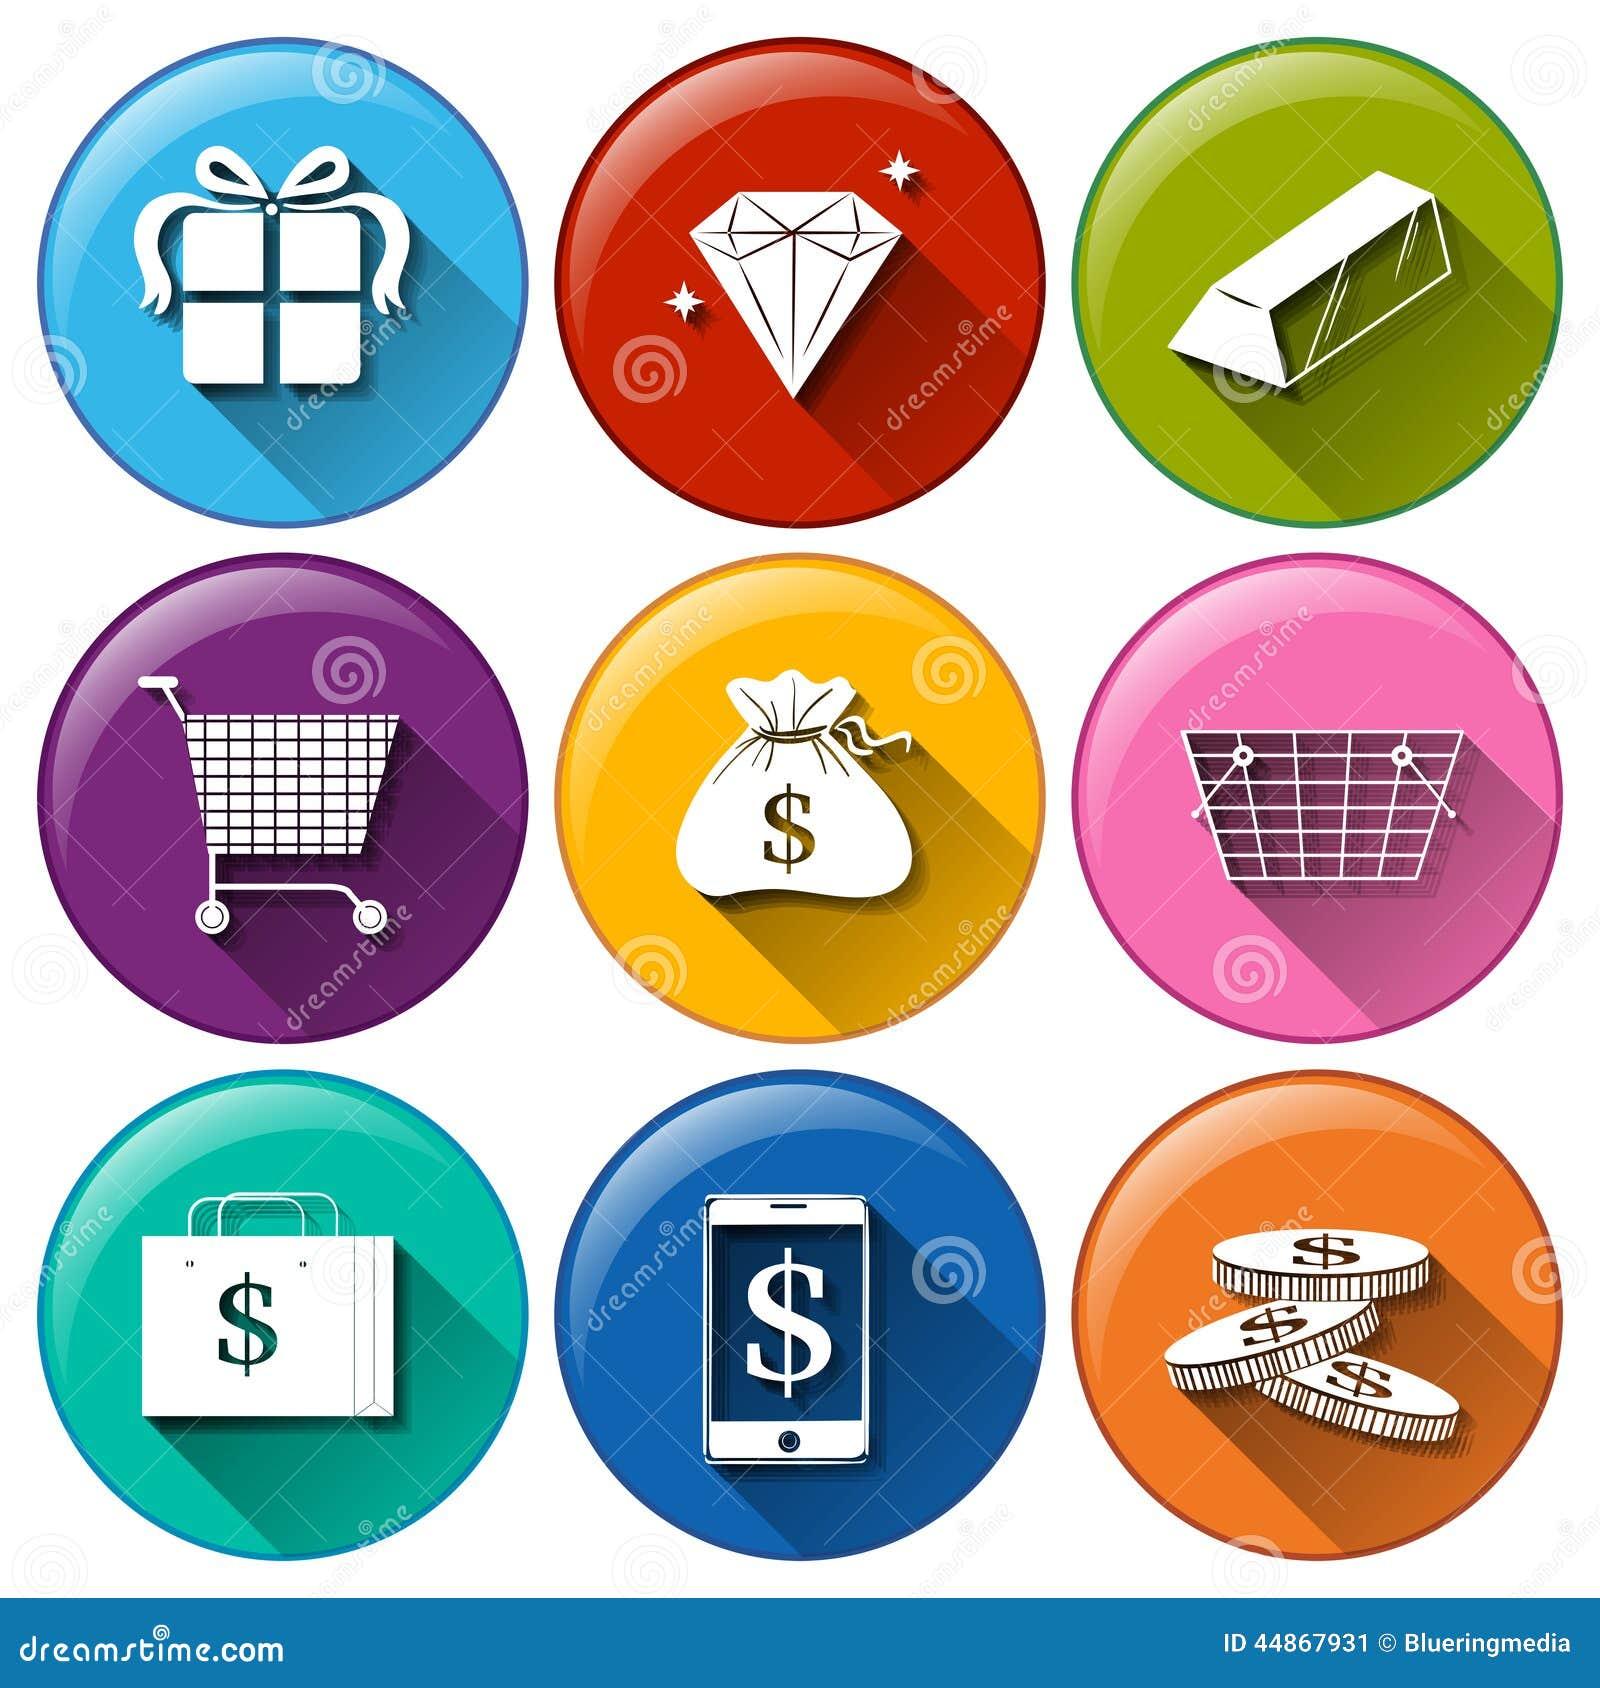 Iconos con valores econ micos grandes ilustraci n del for Fotomurales grandes y baratos